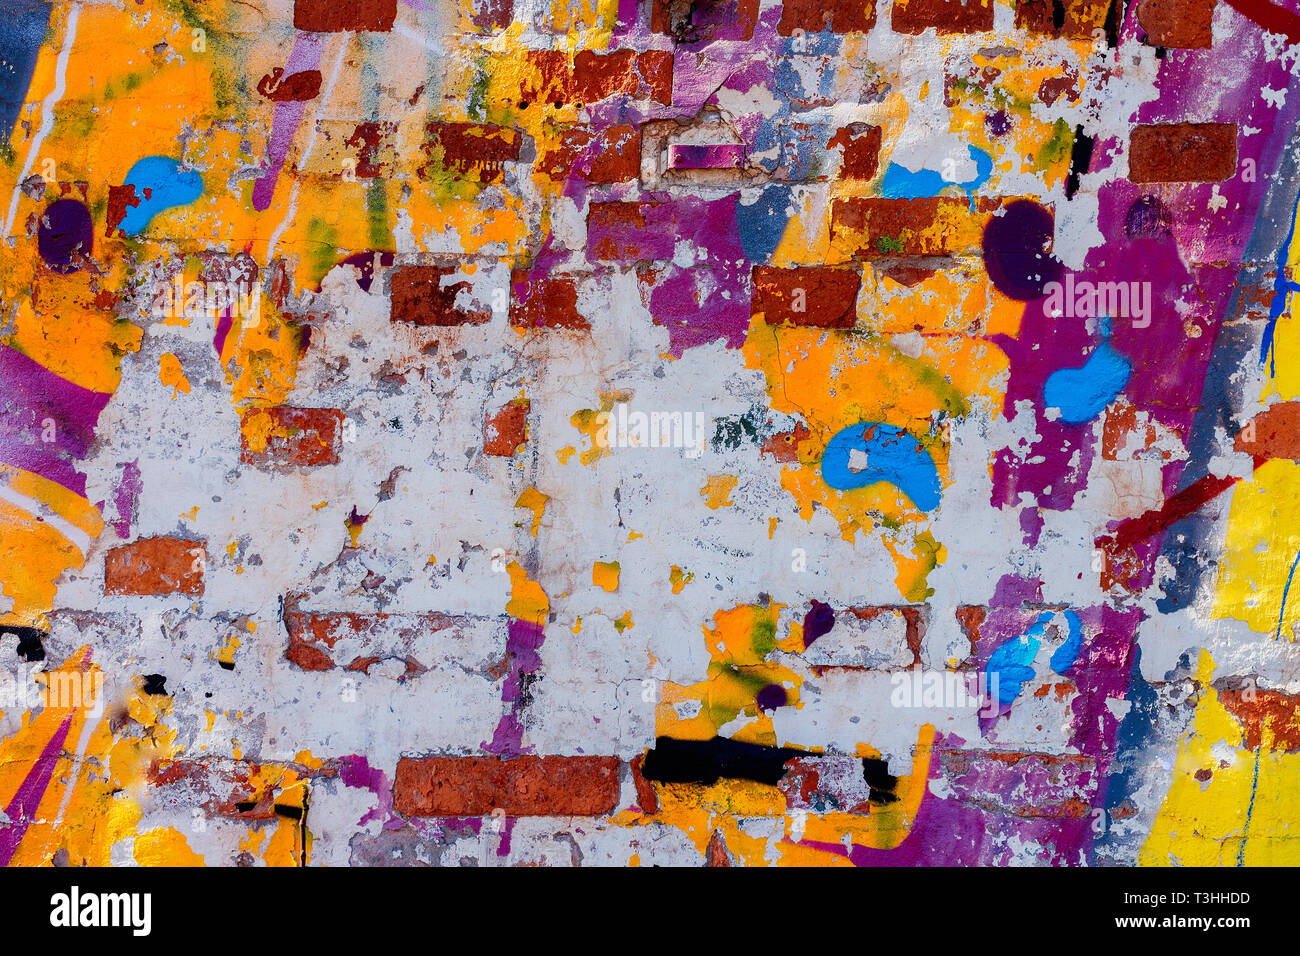 Vieux Mur Avec Beaucoup De Différentes Couleurs De Peinture